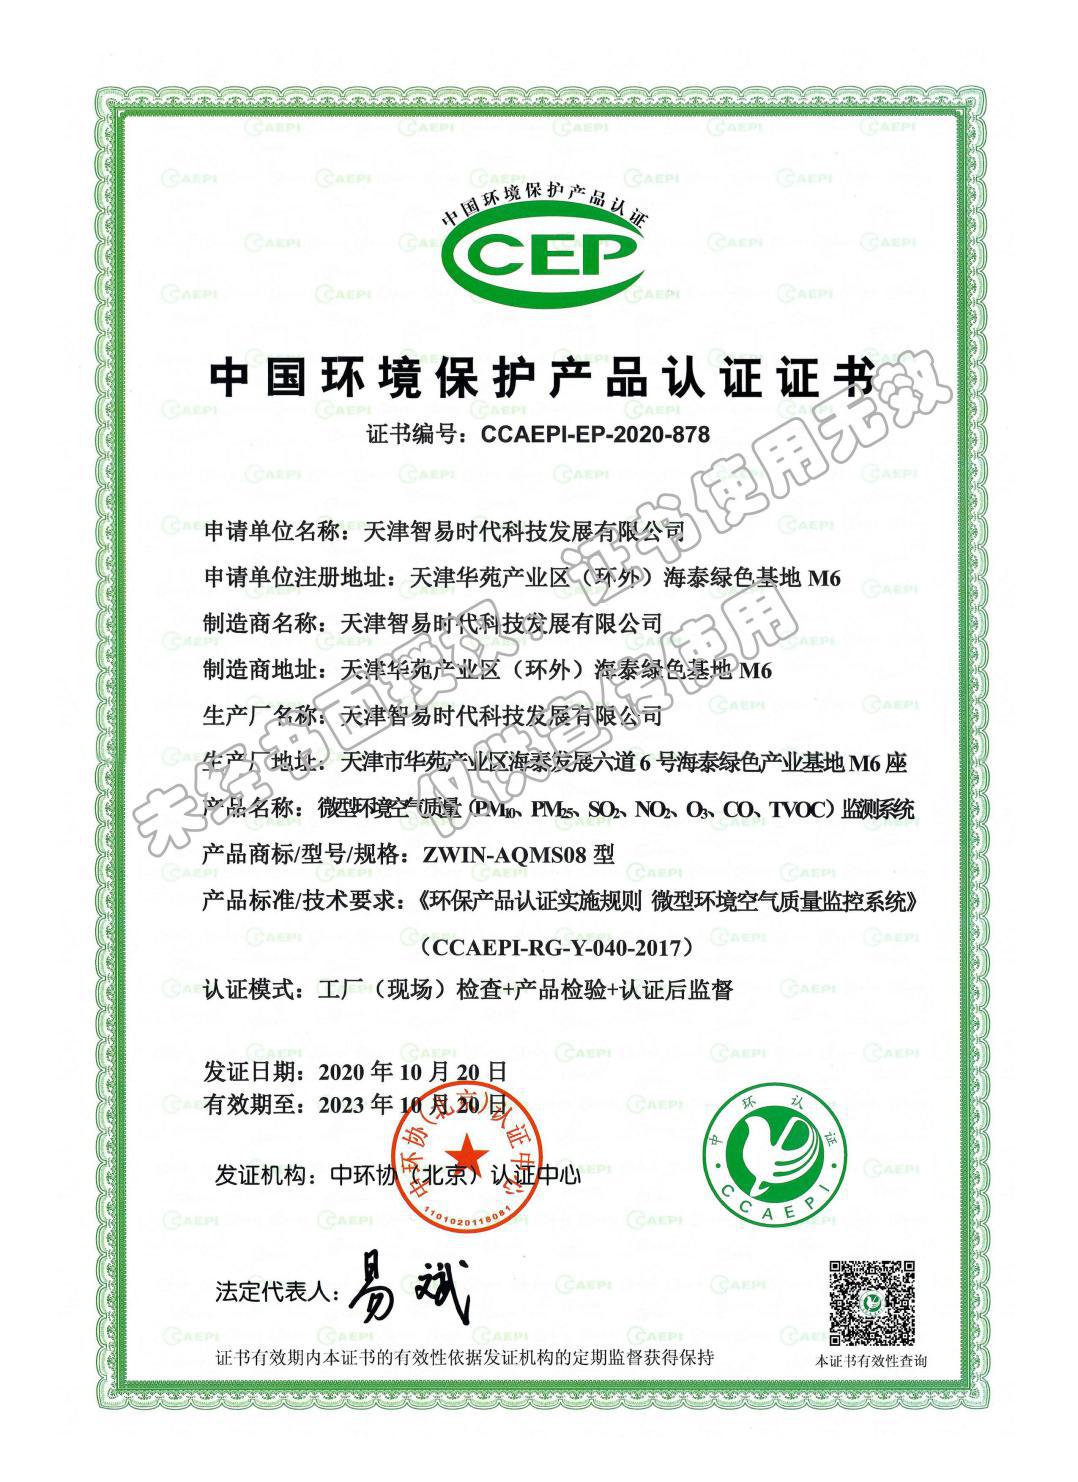 祝贺!智易时代荣获微型环境空气质量监测系统CCEP证书